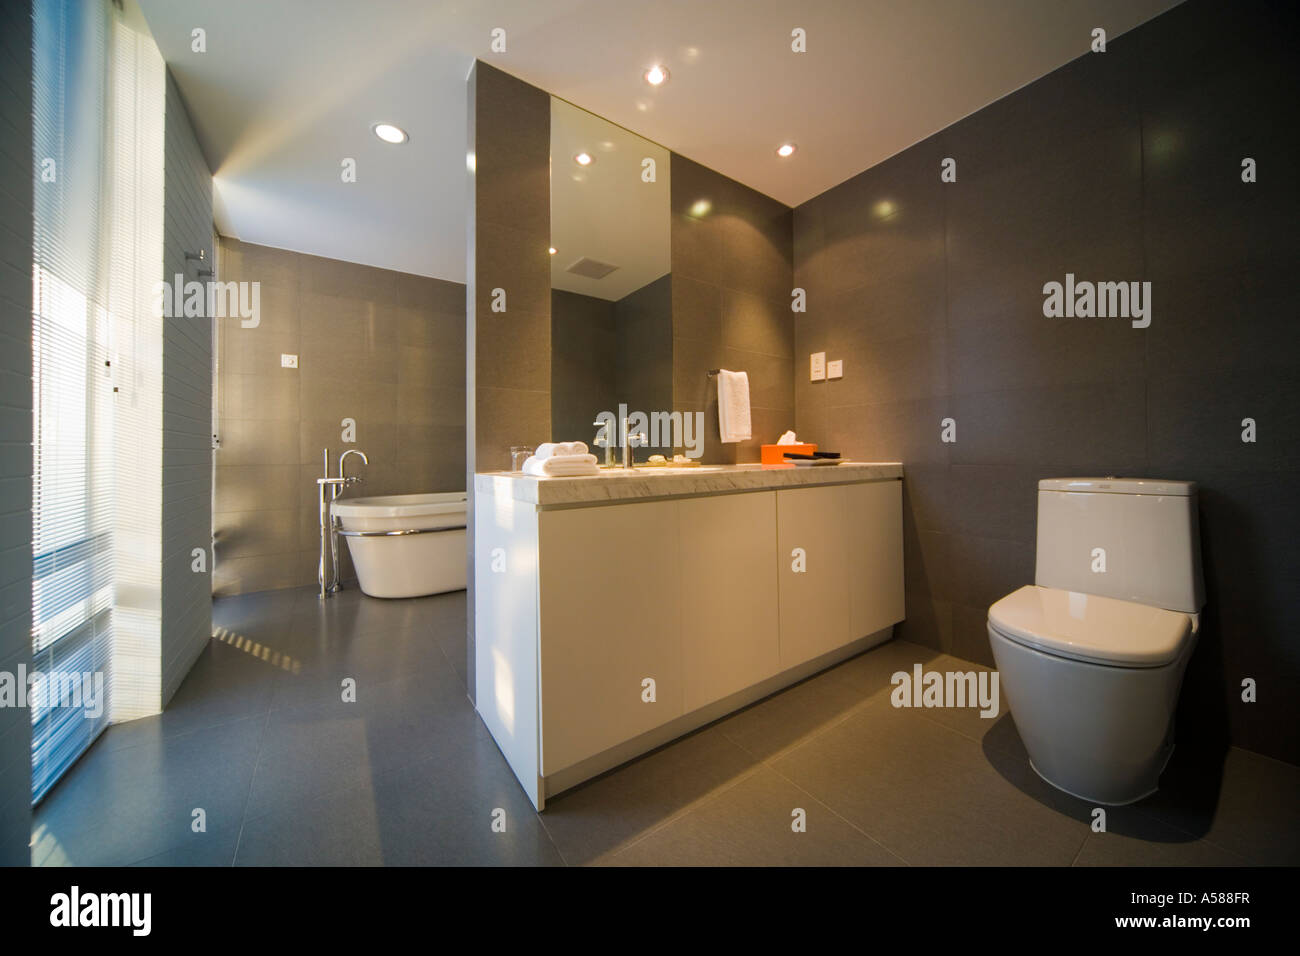 Facq Salle De Bain Zaventem ~ Toilettes Et Salle De Bains Dans Maison Foresti Re 4 Commune Par Le